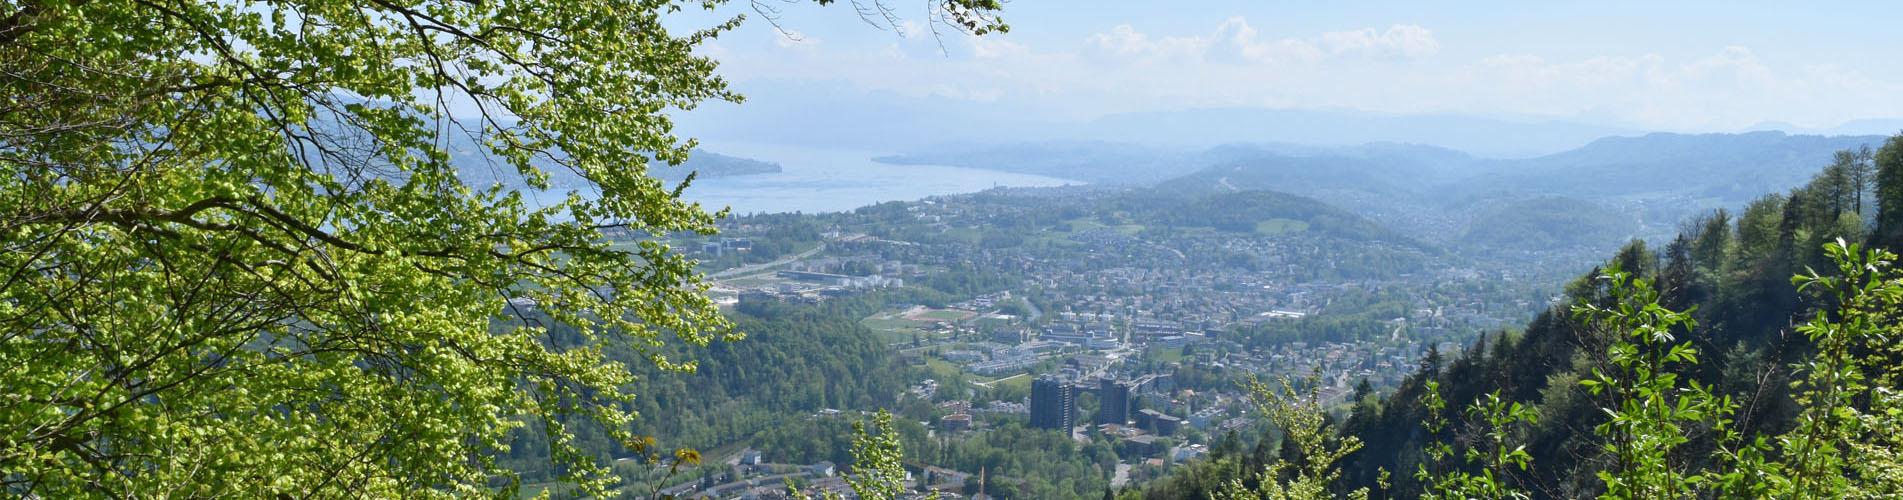 Wanderungen in und um die Stadt Zürich – Auf den schönsten Stadtwanderungen Zürich und deren Quatiere neu entdecken